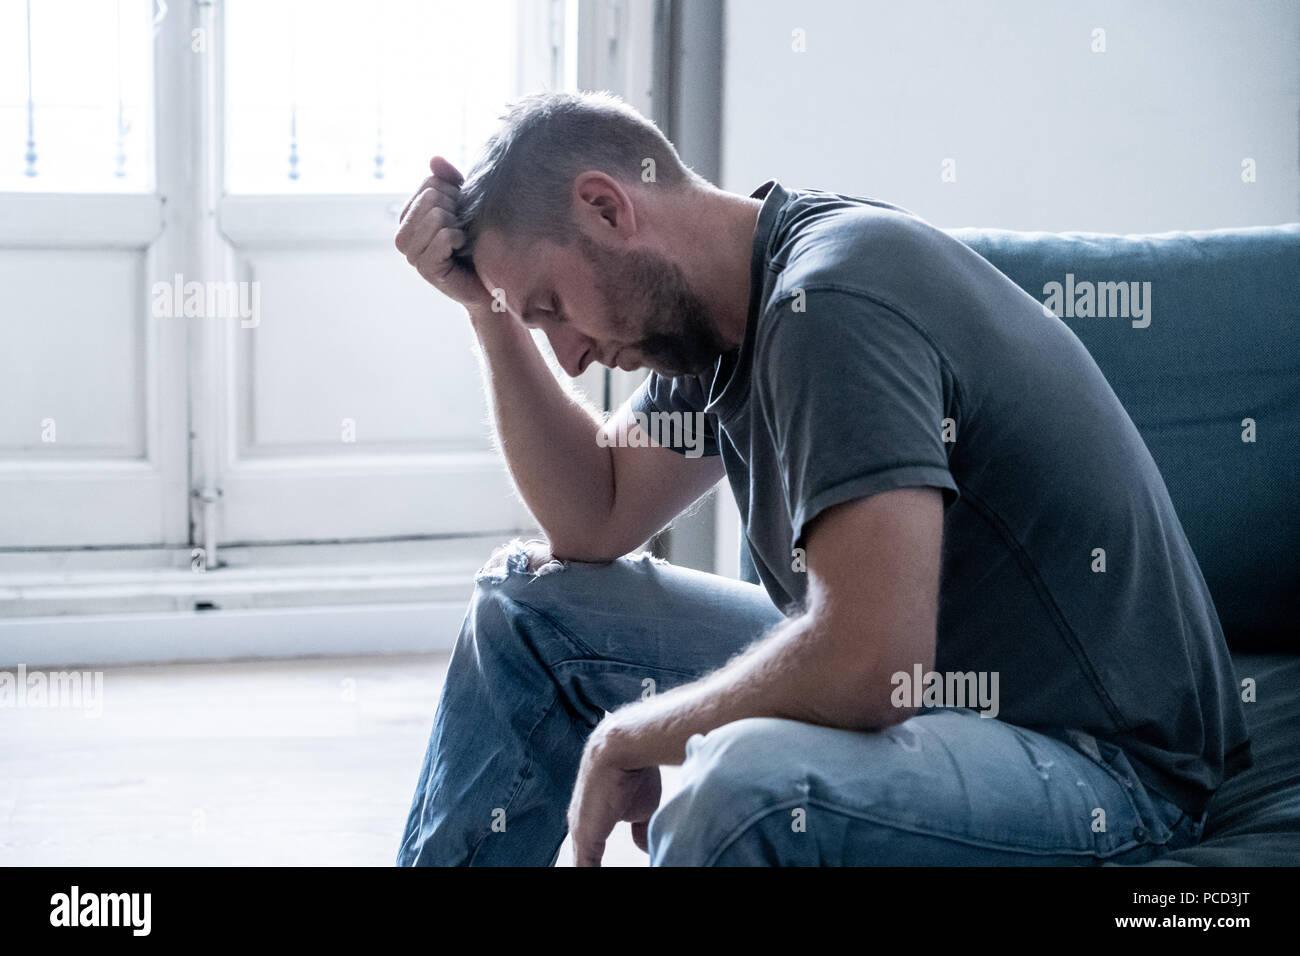 Infeliz deprimido masculino caucásico sentarse y acostarse en el sofá de su sala de estar sintiendo un solitario desesperado. En resaltado desde el trabajo, ansiedad, descorazonado y de Foto de stock